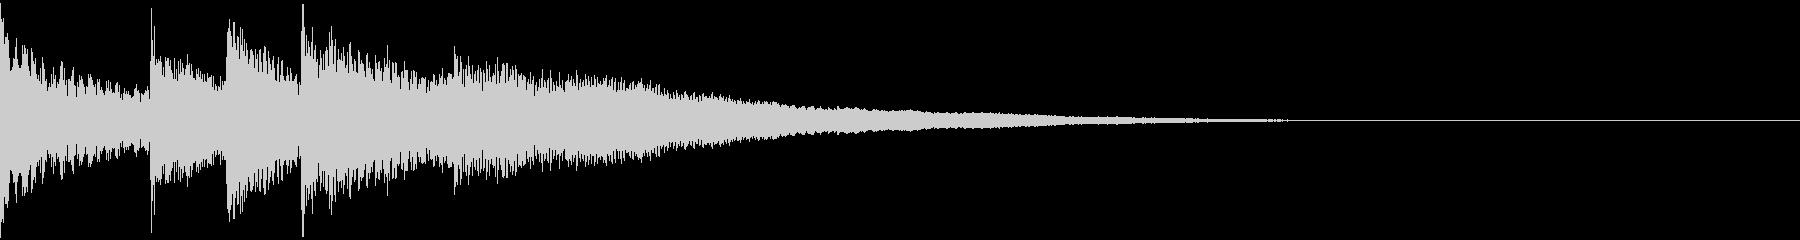 ミステリアスなオルゴールのジングルの未再生の波形